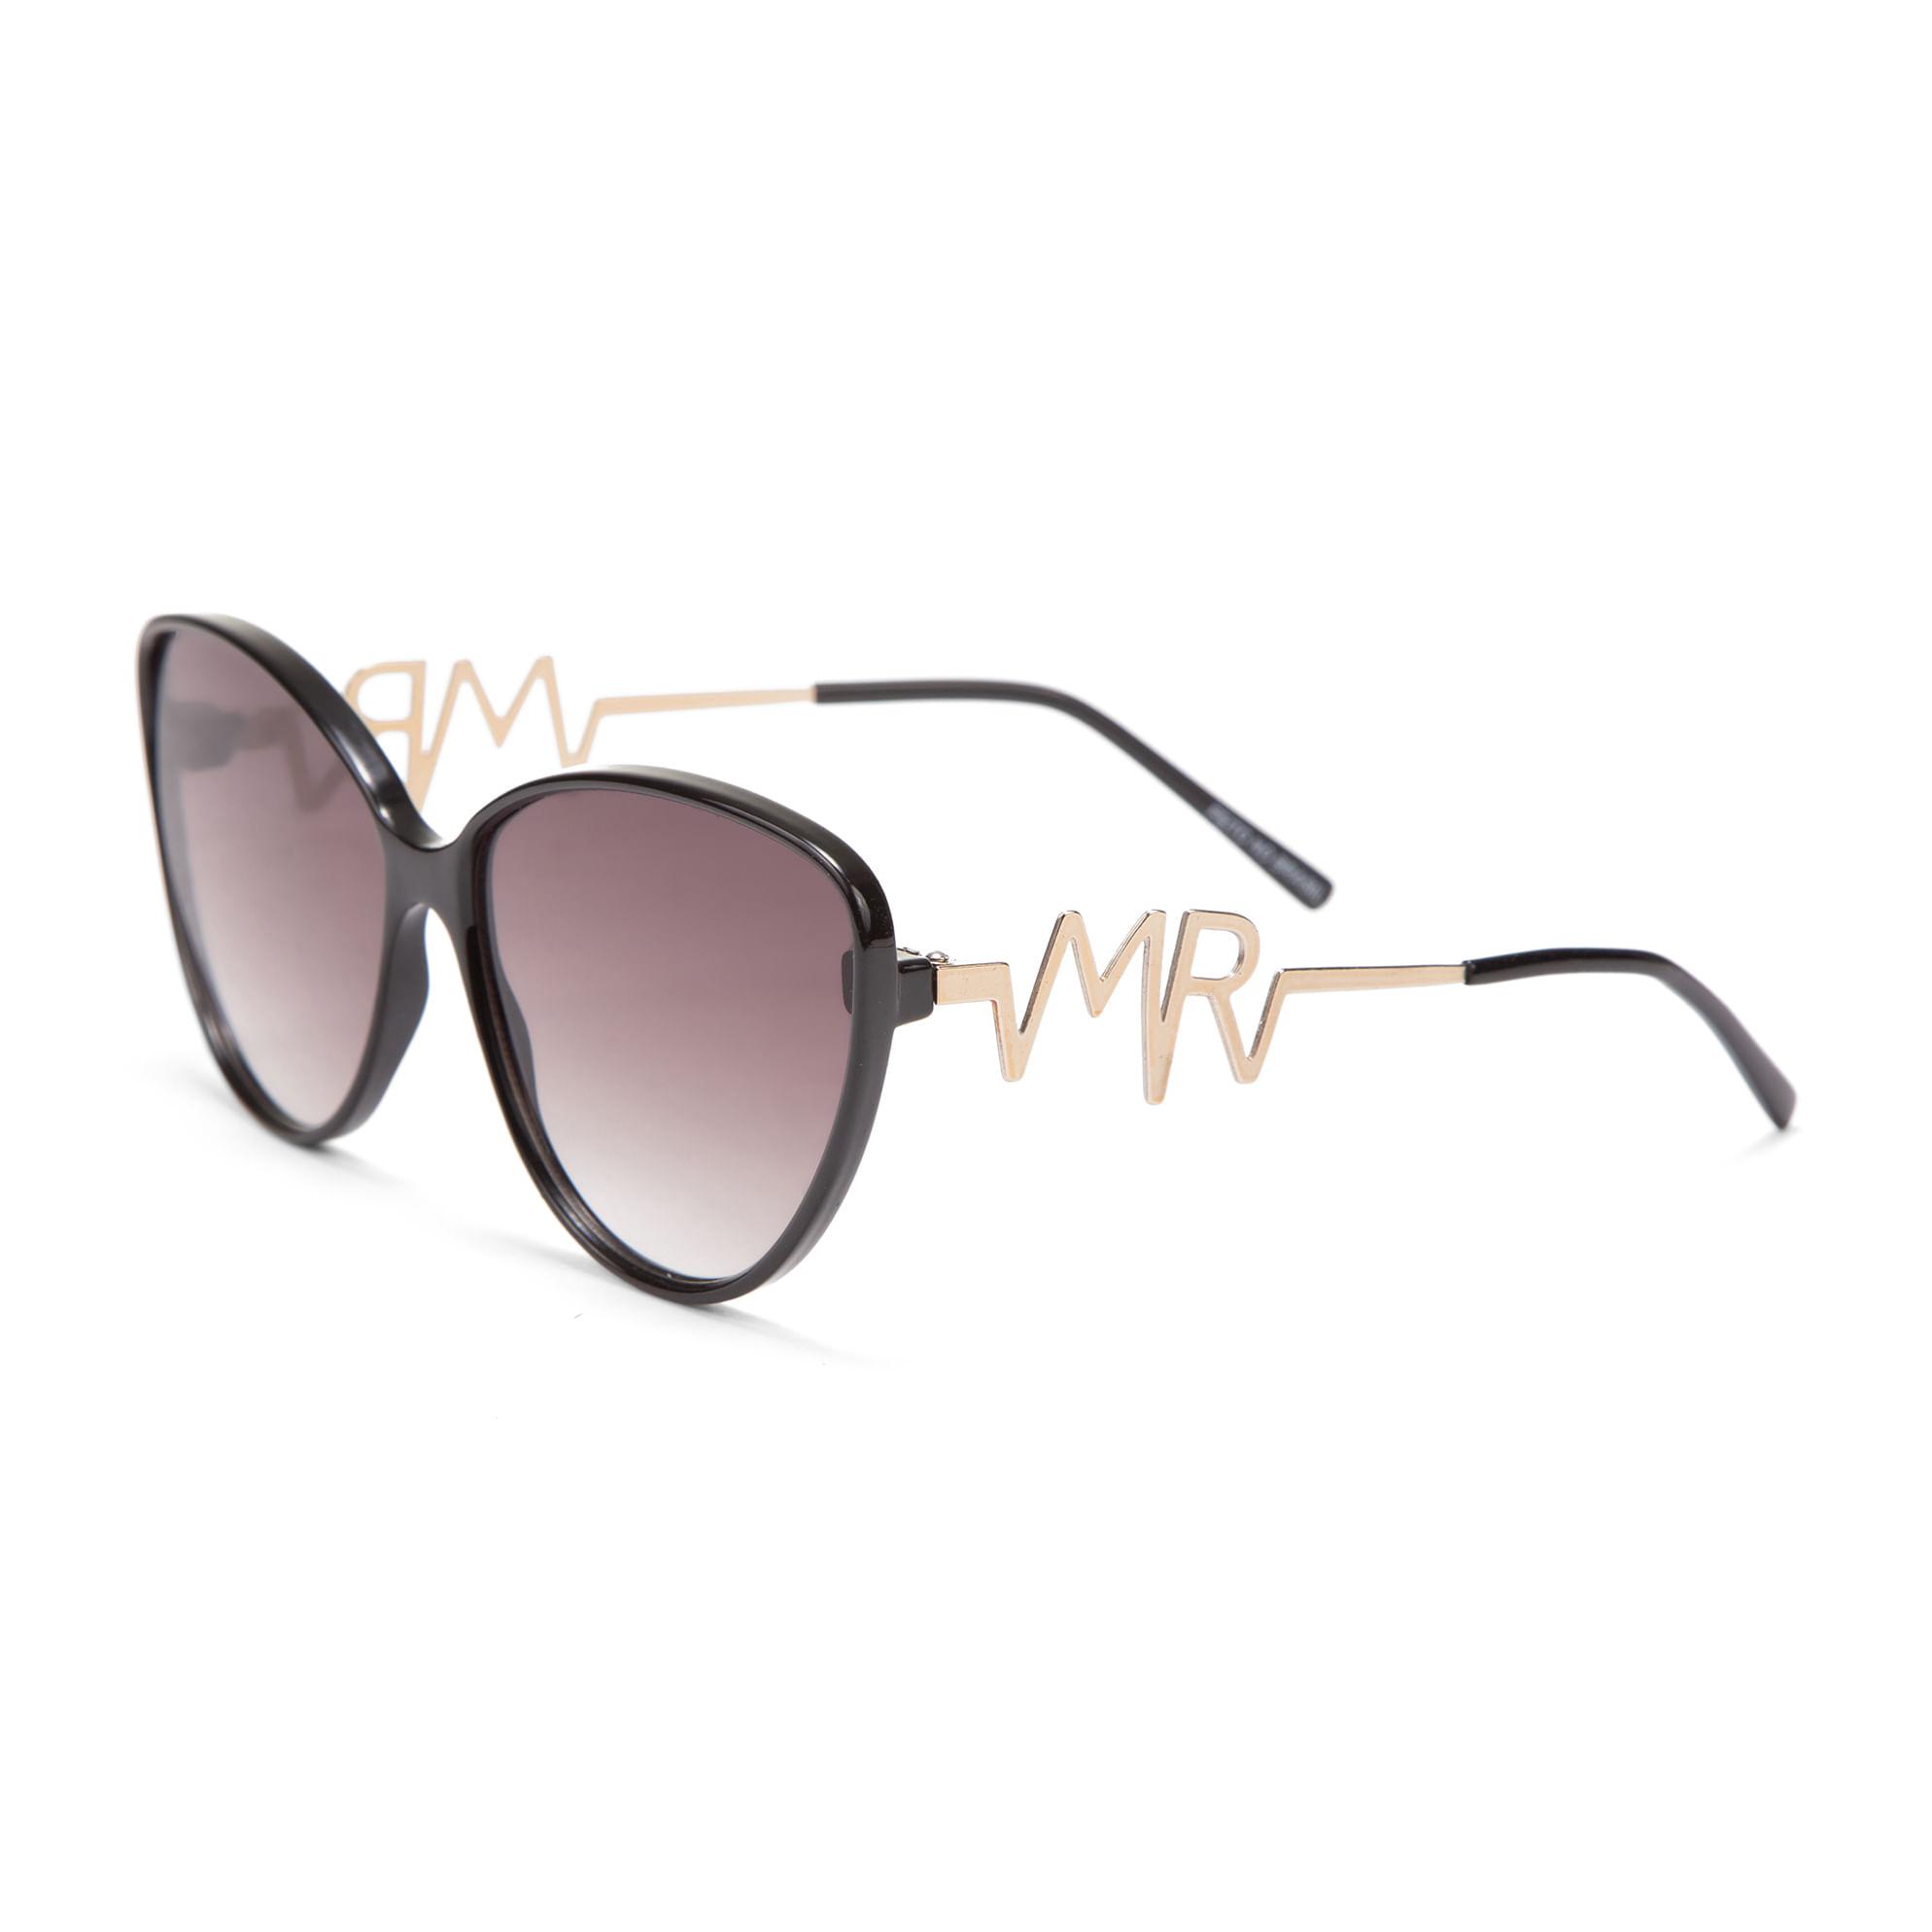 e2a1f6e0d14f8 Oculos Gatinho Haste Metal Personalizada Preto - morenarosa